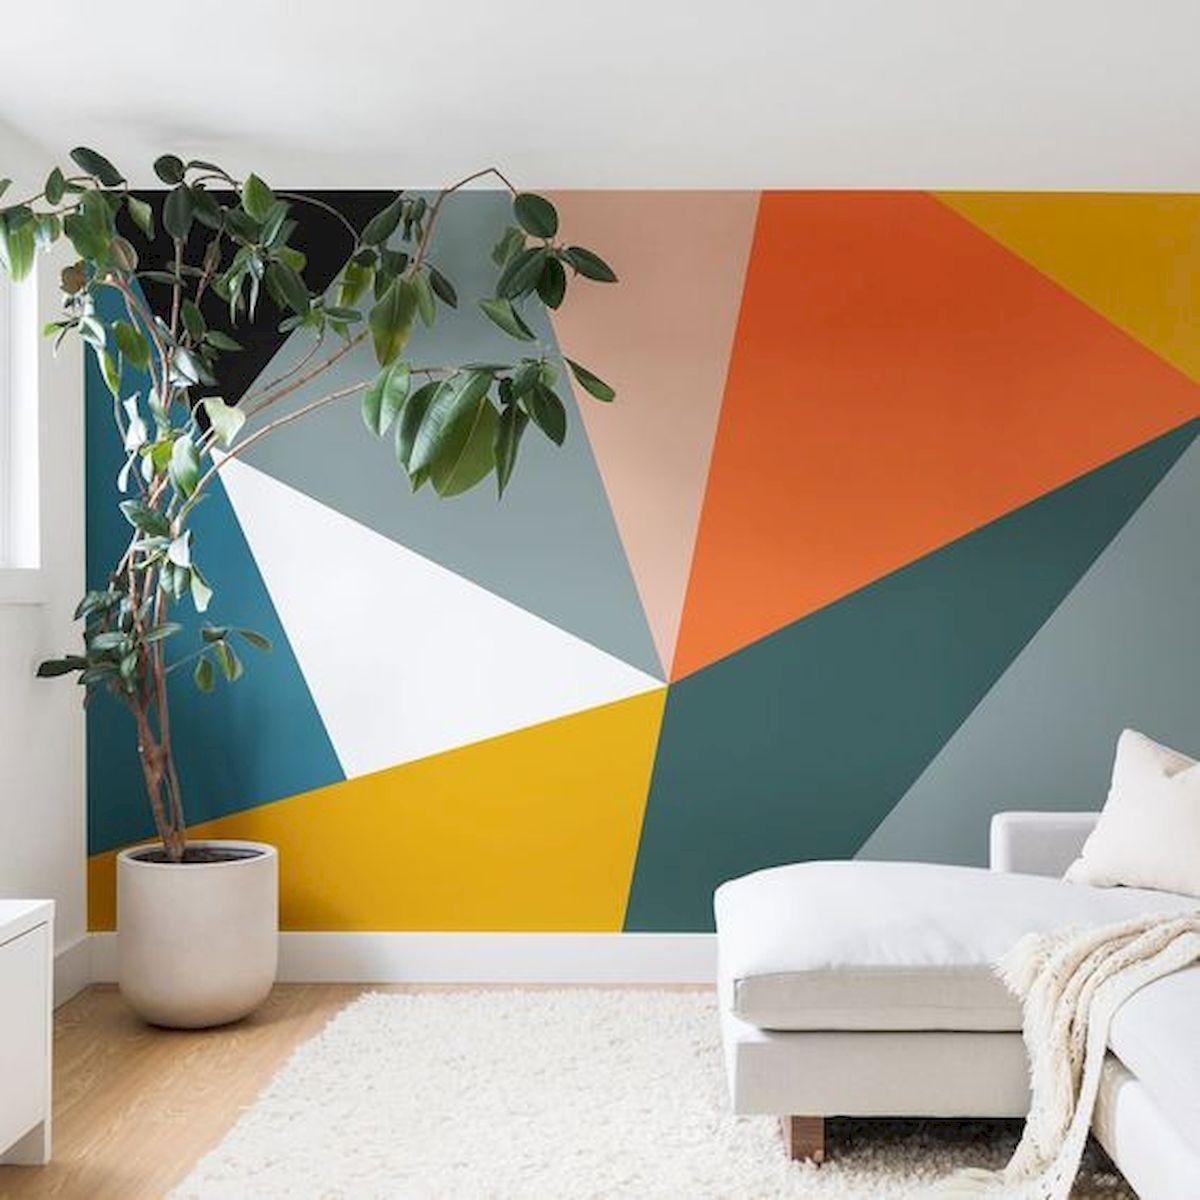 60 Best Geometric Wall Art Paint Design Ideas 51 En 2020